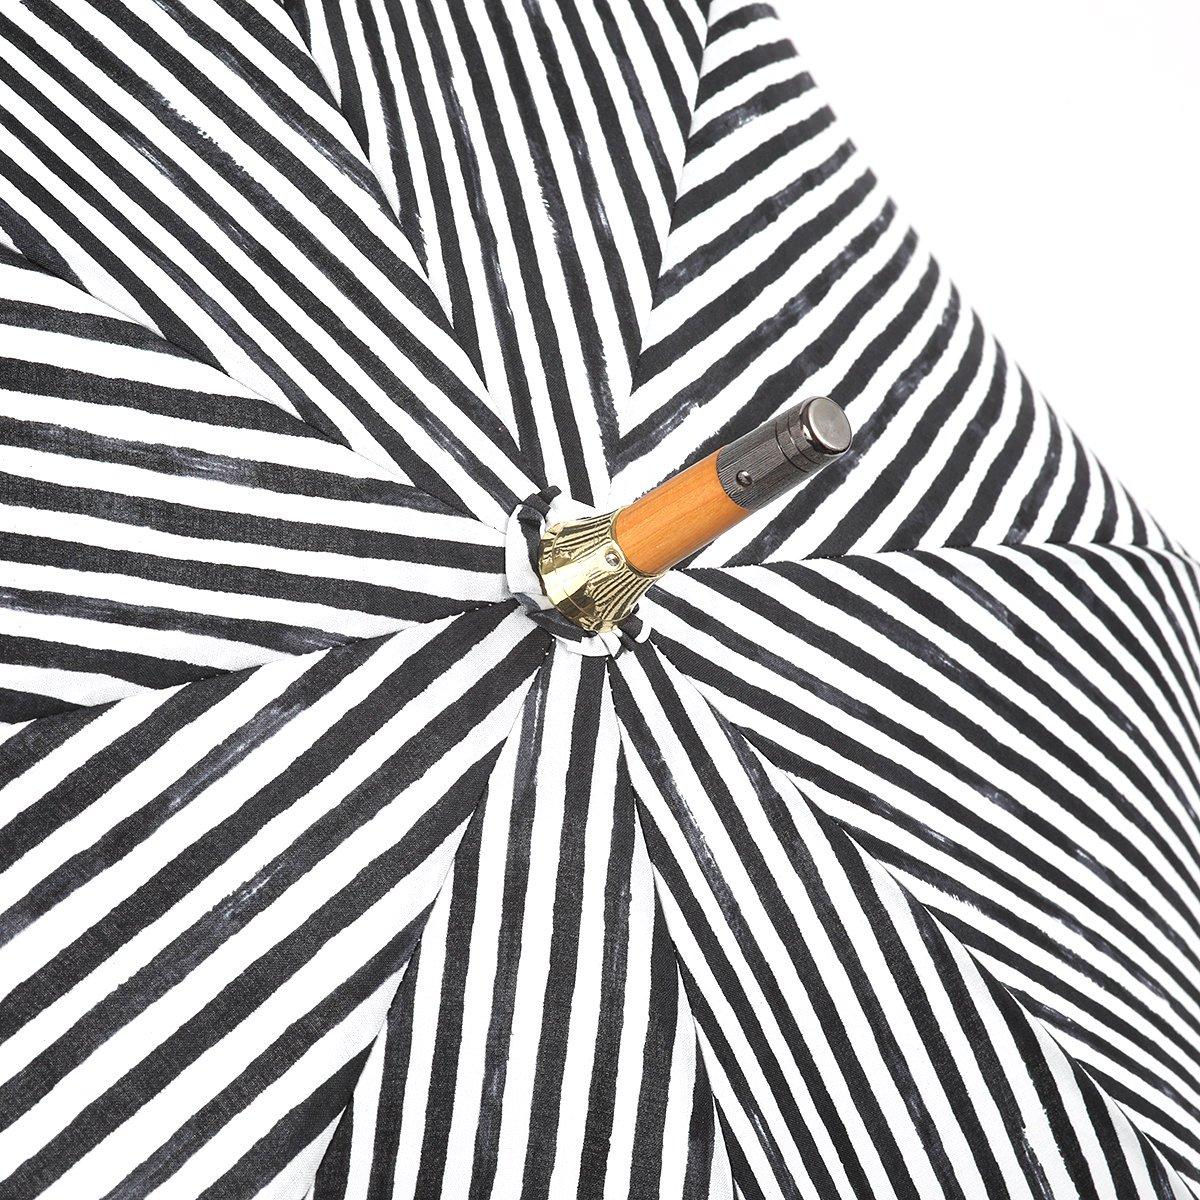 【晴雨兼用傘】レディース 手書き風 ストライプ柄 長傘 詳細画像5